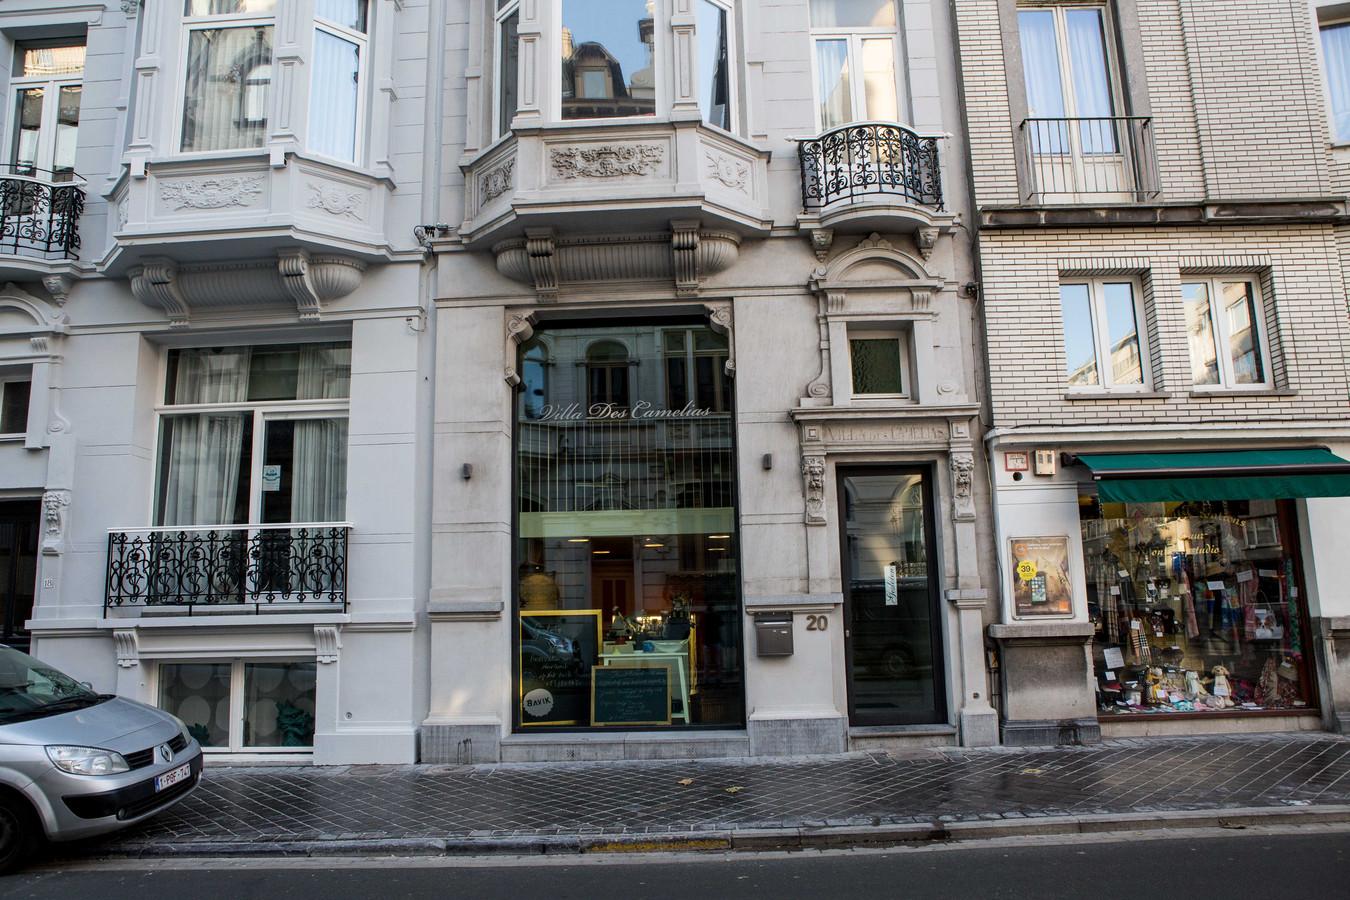 Het pand van Villa des Camélias langs de Kemmelbergstraat, met boven de keuken in de vitrine, waar alles zal gebeuren.